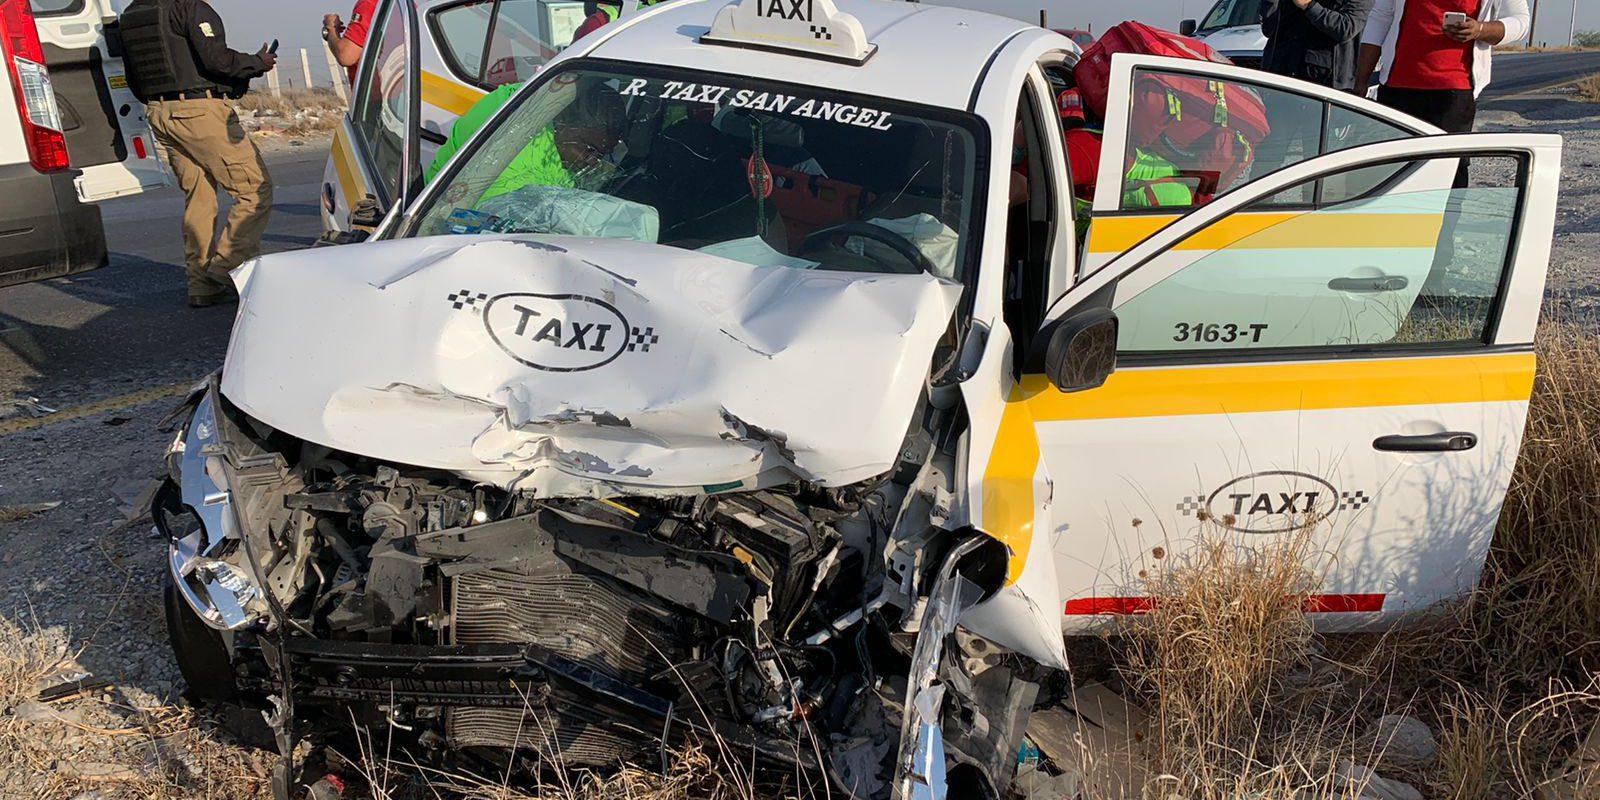 #Policiaca: Quita el paso y ocasiona accidente